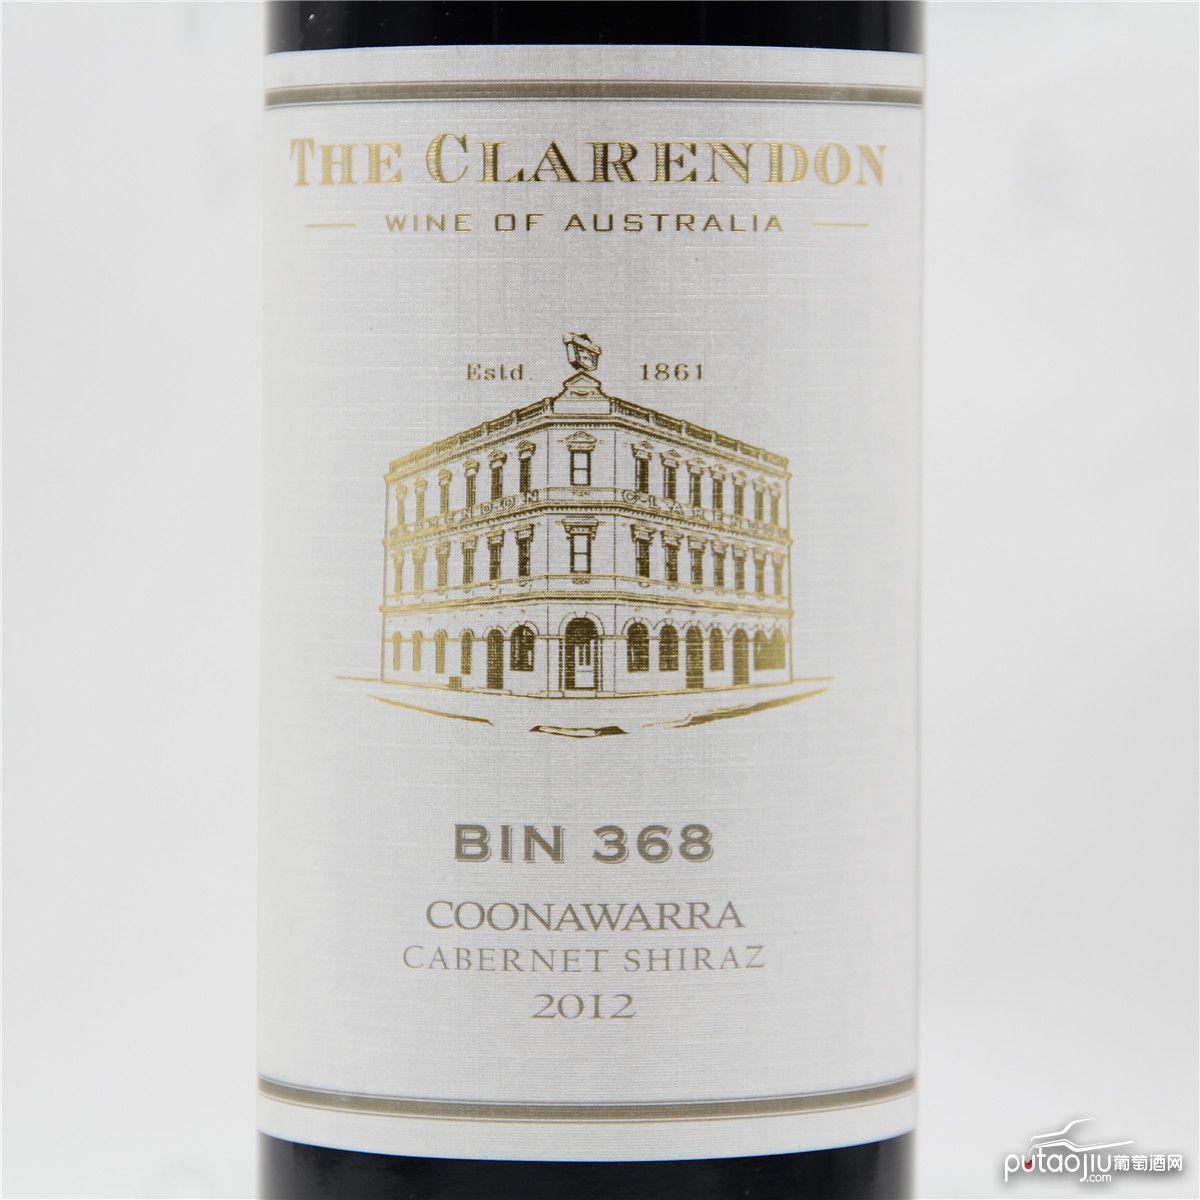 克莱顿酒庄Bin368库纳瓦拉赤霞珠西拉干红葡萄酒